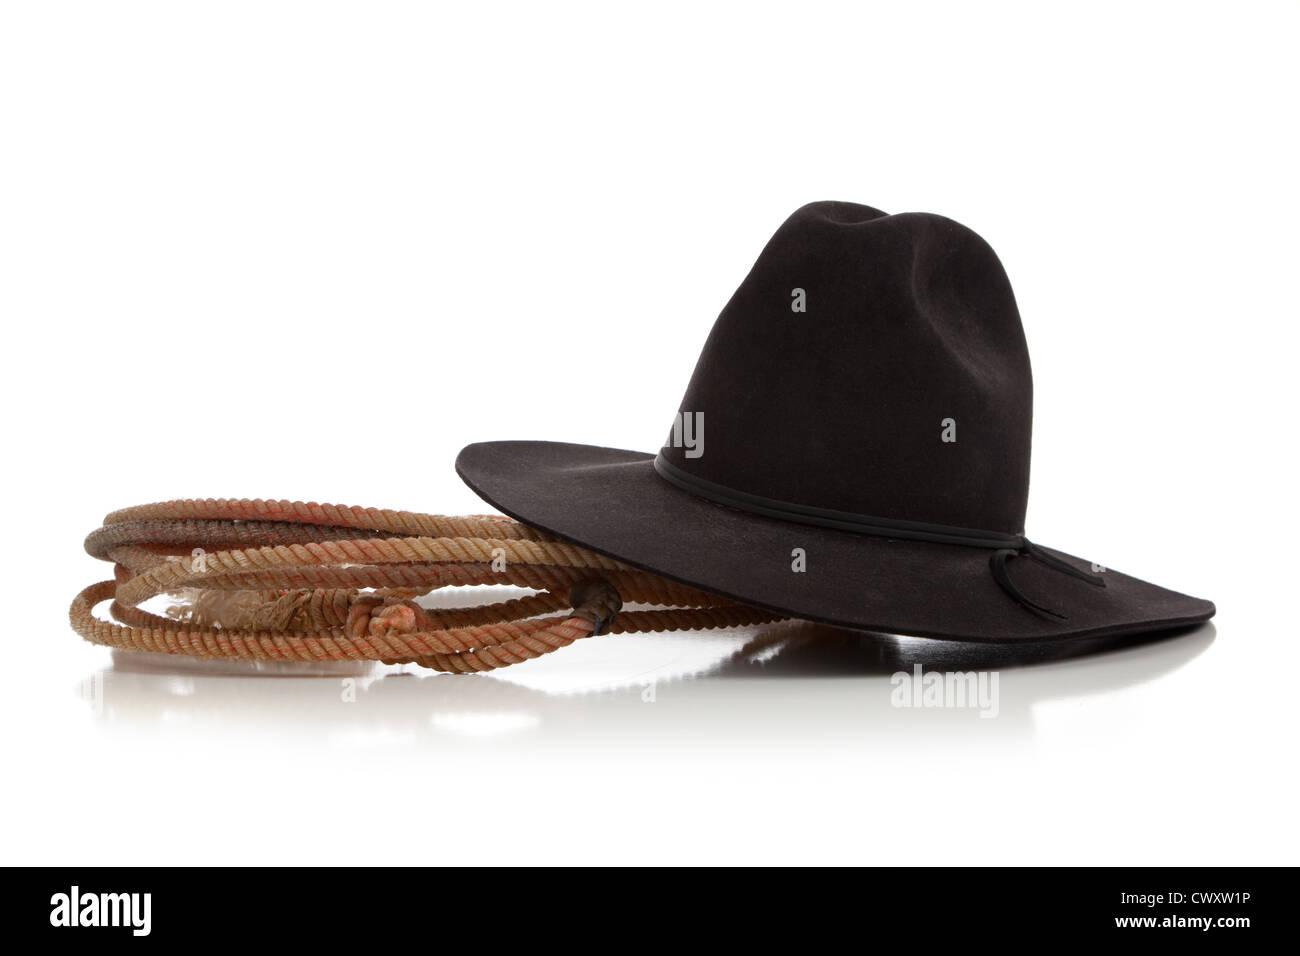 f7dc77ed2e Un lazo y sombrero de vaquero de fieltro negra sobre un fondo blanco.  Imagen De